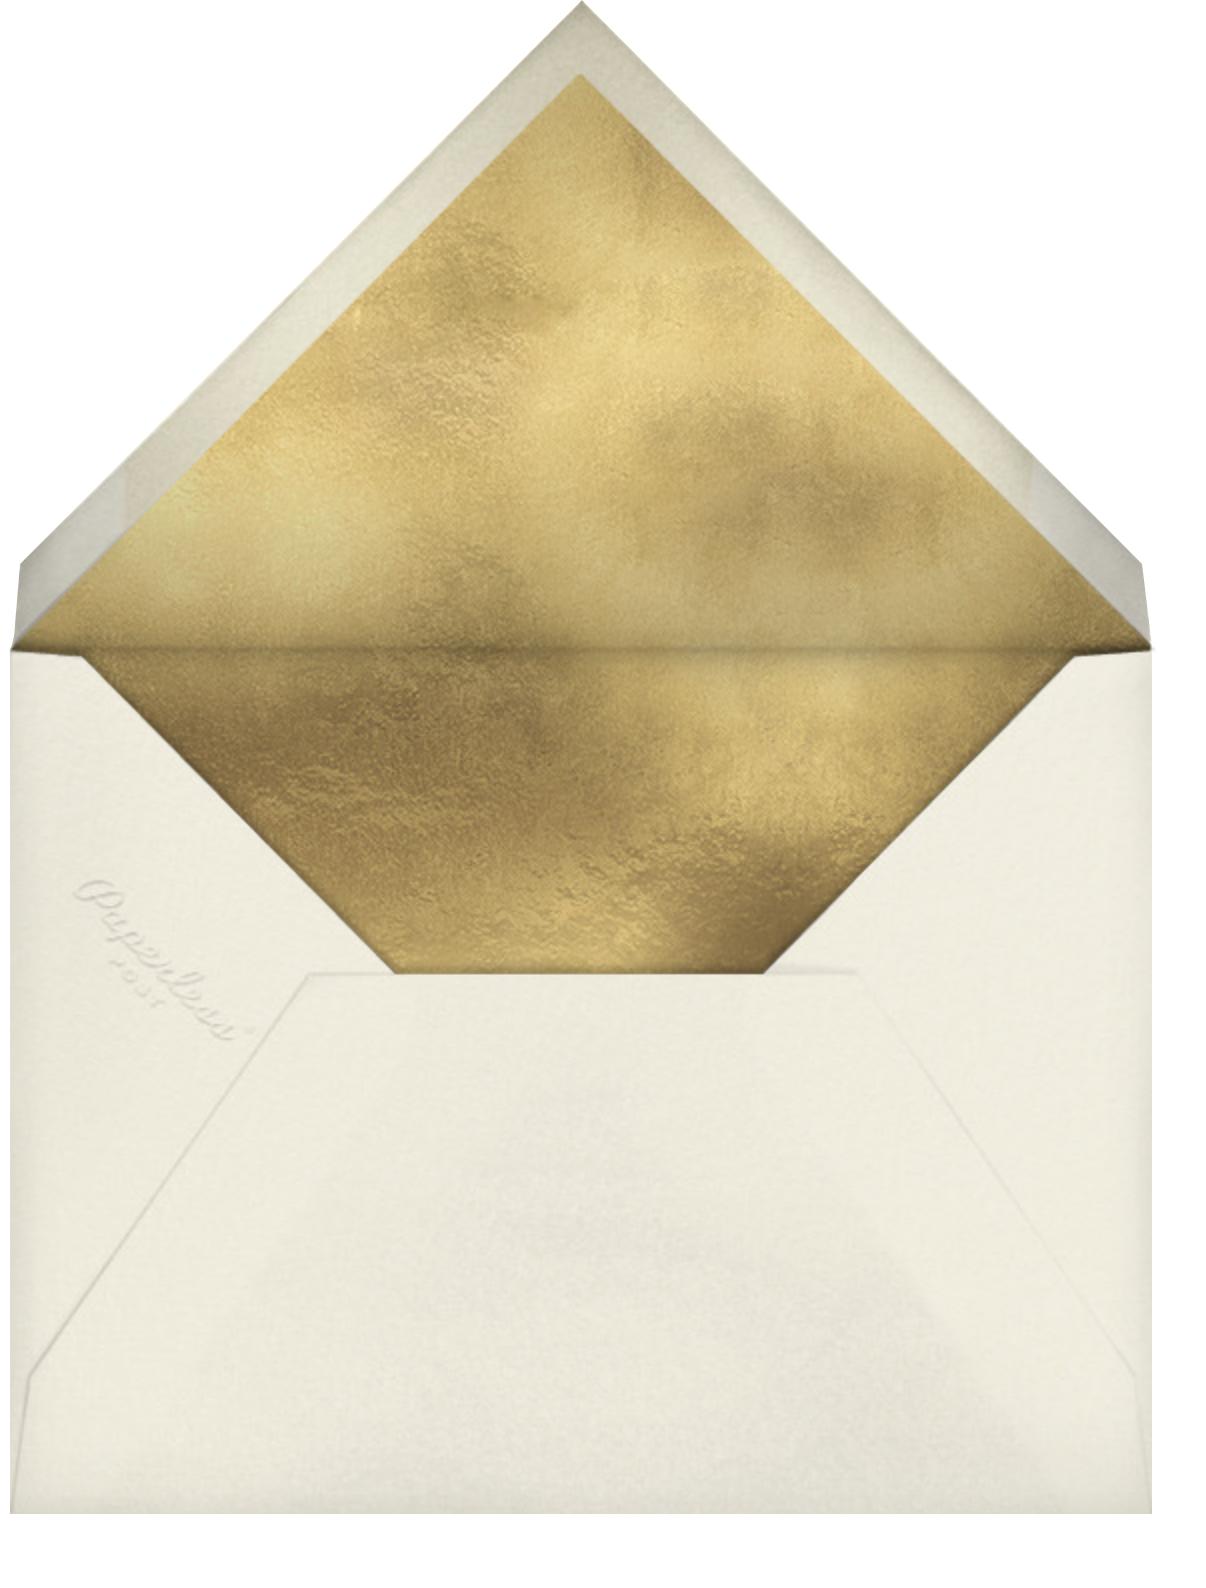 Oaky Doke - Paperless Post - Dinner party - envelope back